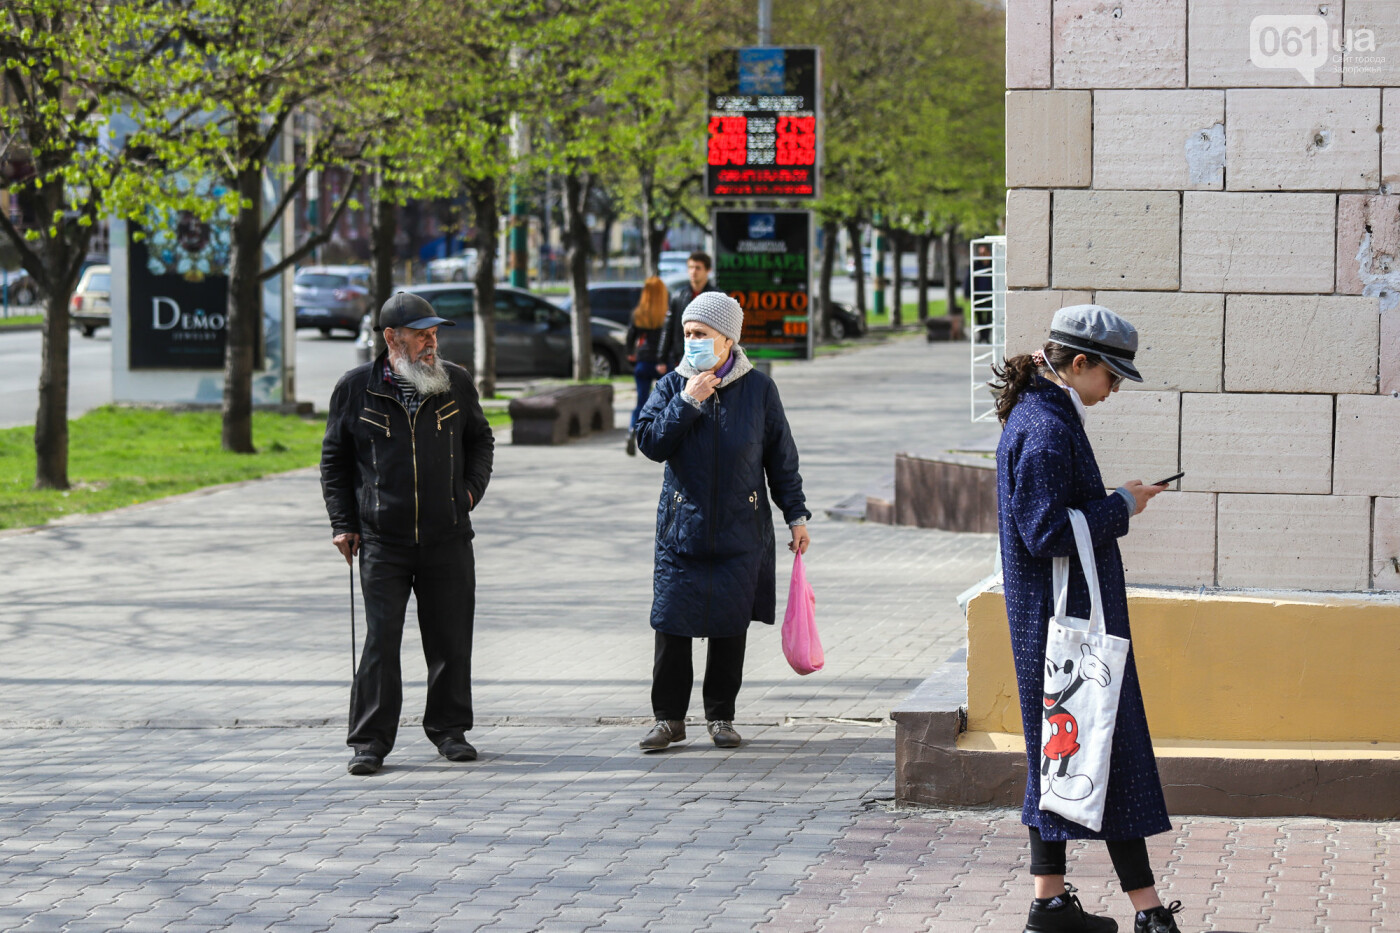 Вход только в масках: как выглядит Запорожье на карантине, - ФОТОРЕПОРТАЖ, фото-43